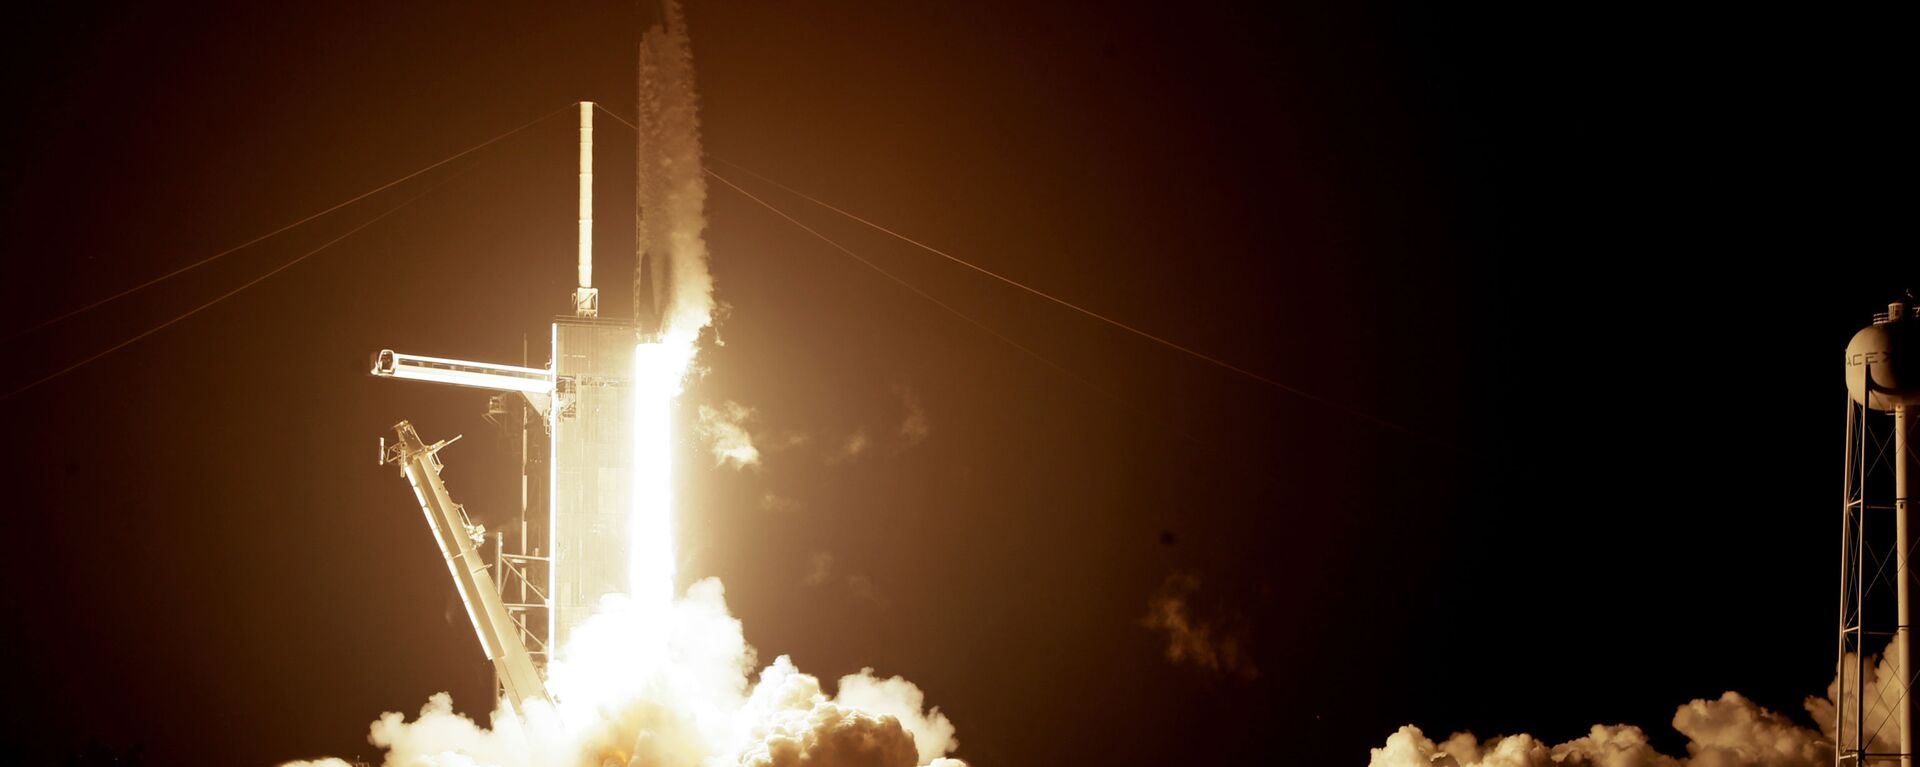 El lanzamiento de un cohete de SpaceX - Sputnik Mundo, 1920, 31.01.2021